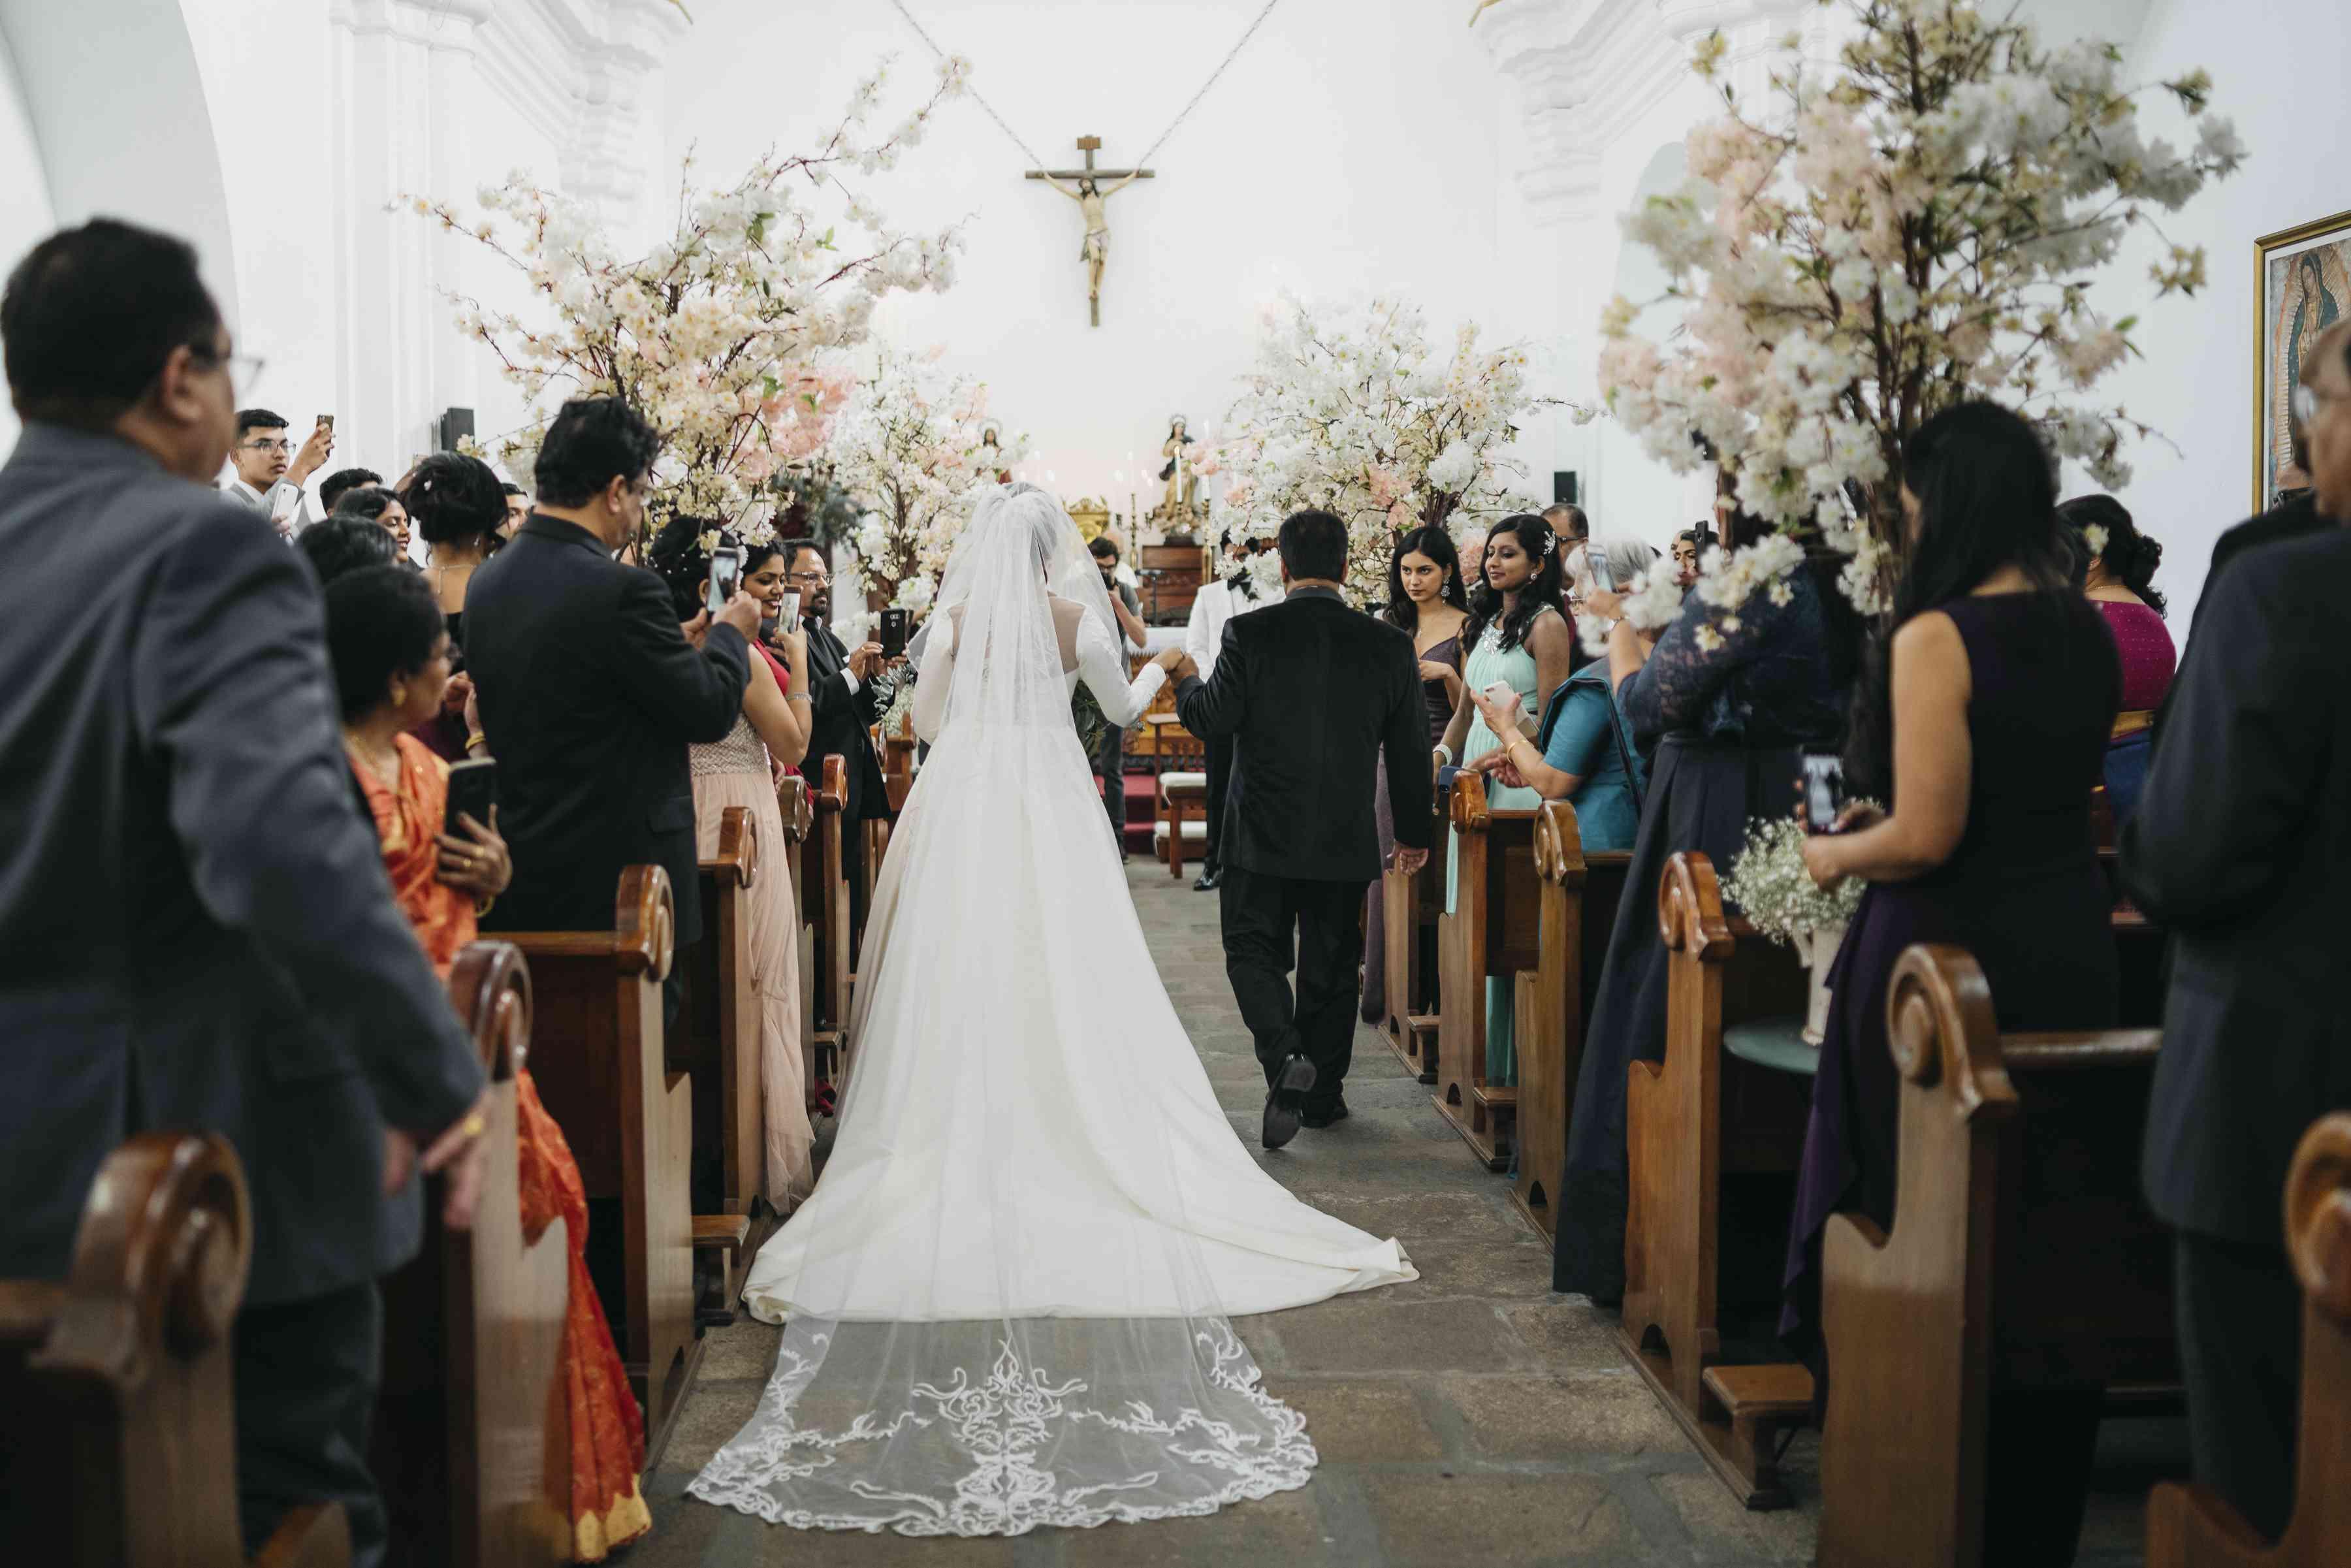 Father escorting the bride